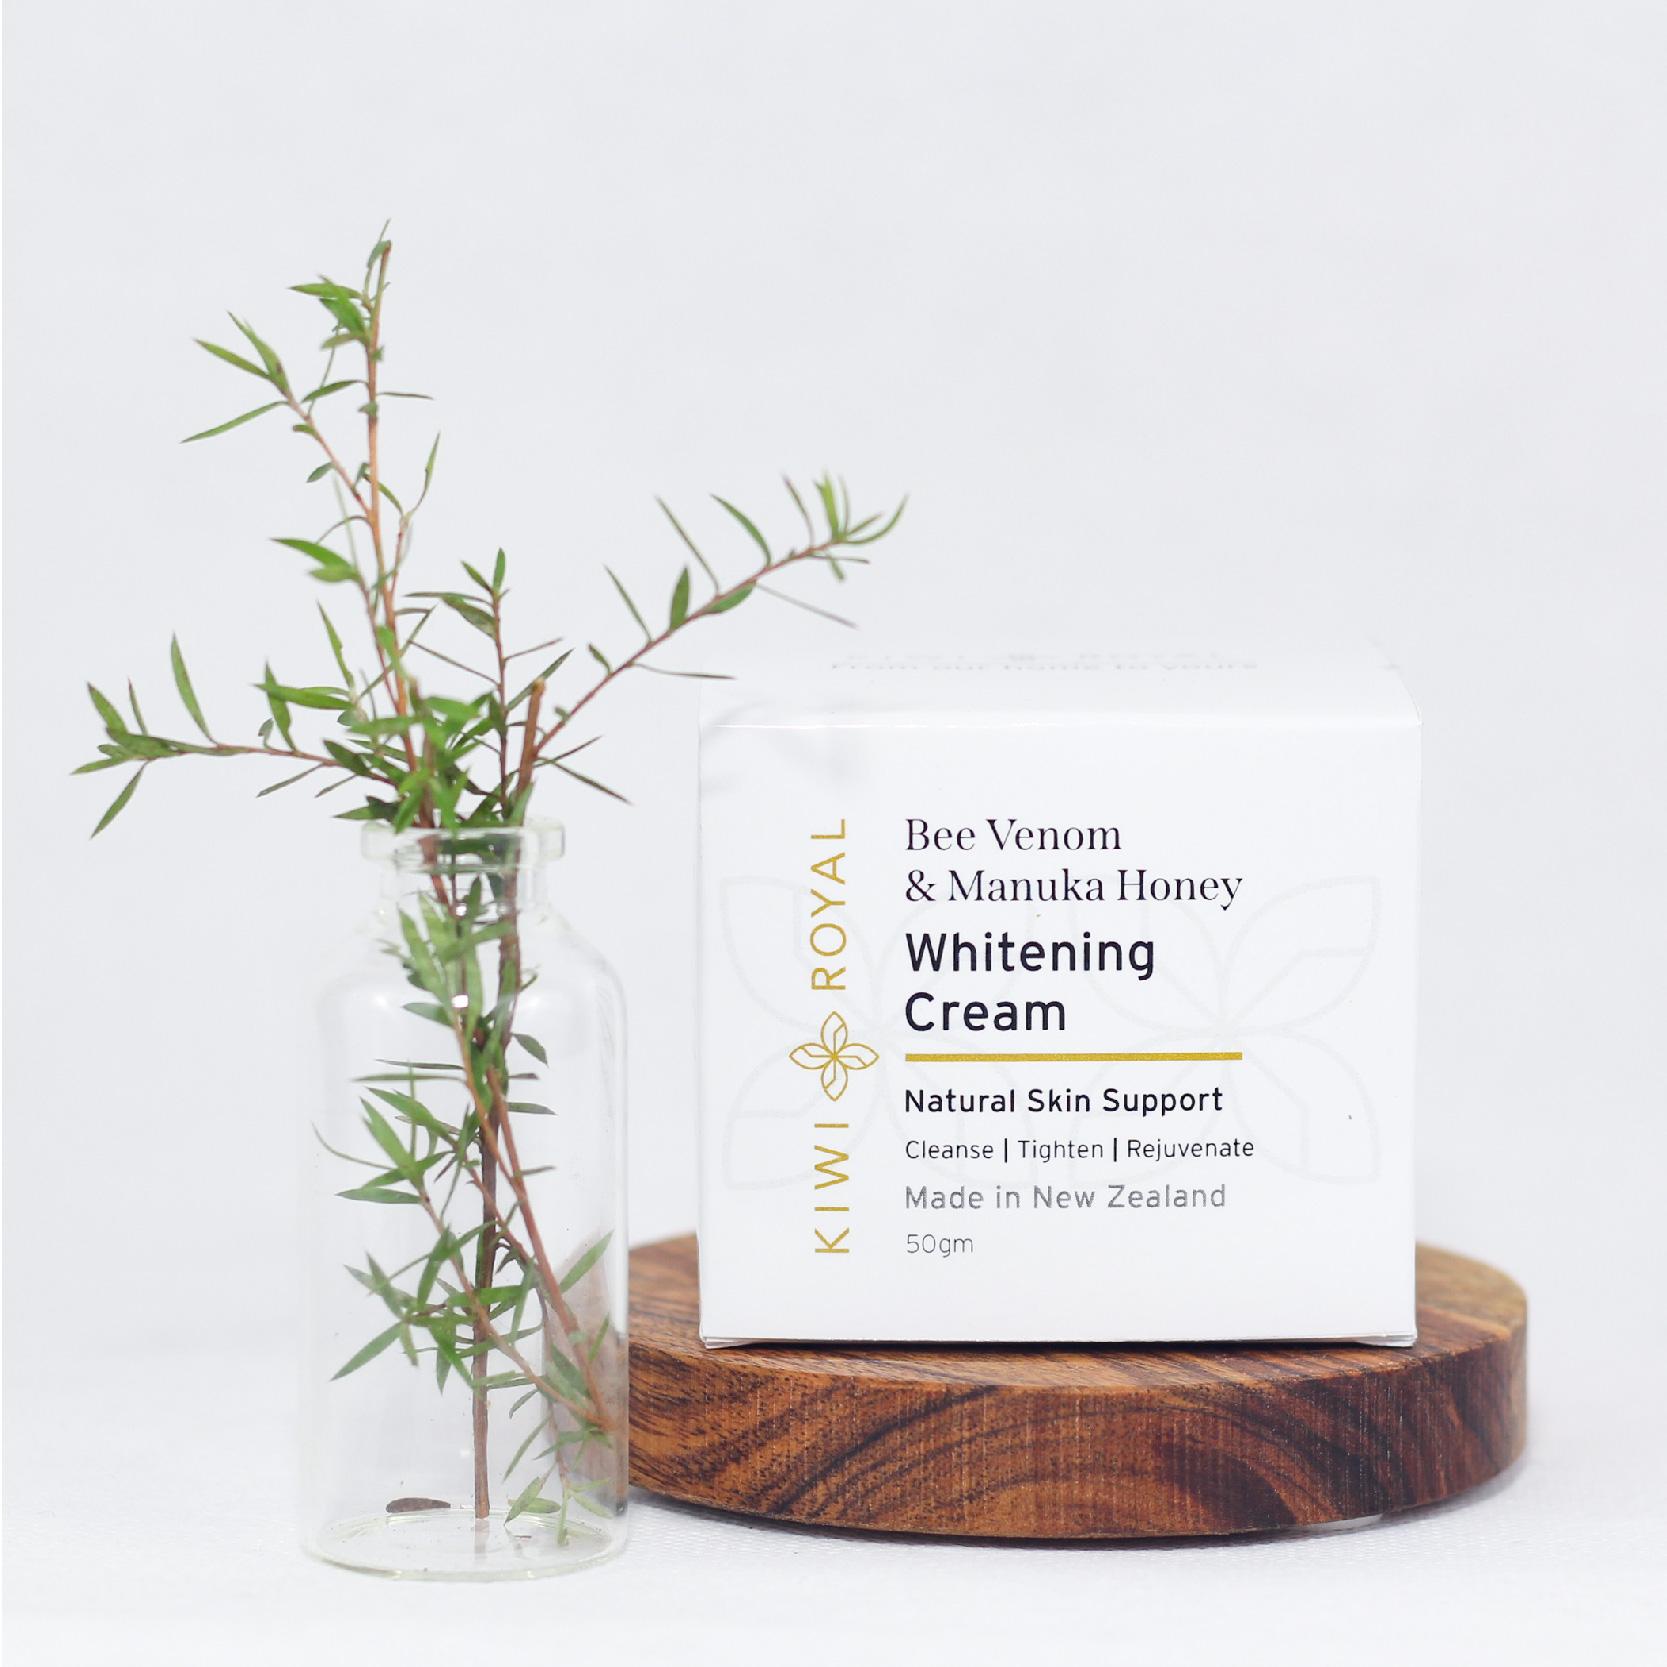 Bee Venom and Manuka Honey Whitening Cream